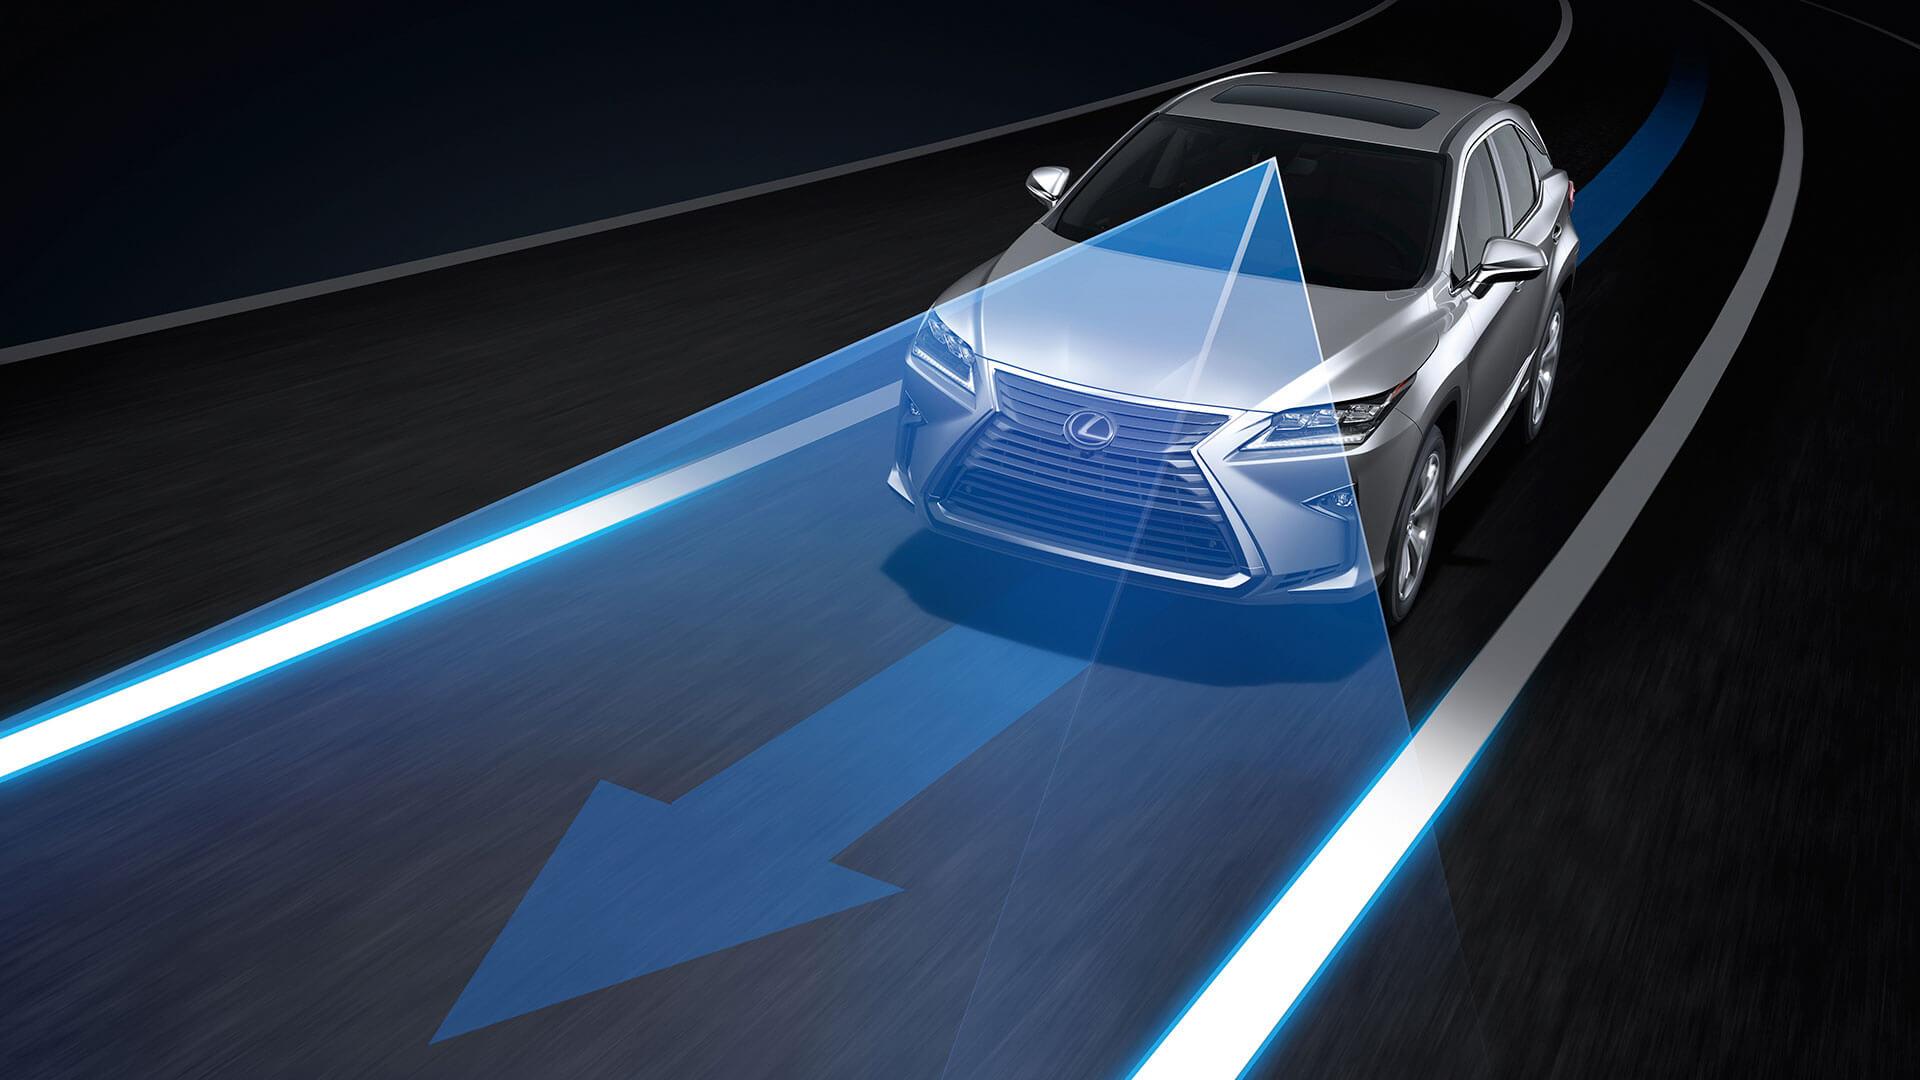 2017 lexus rx 200t features advanced lane